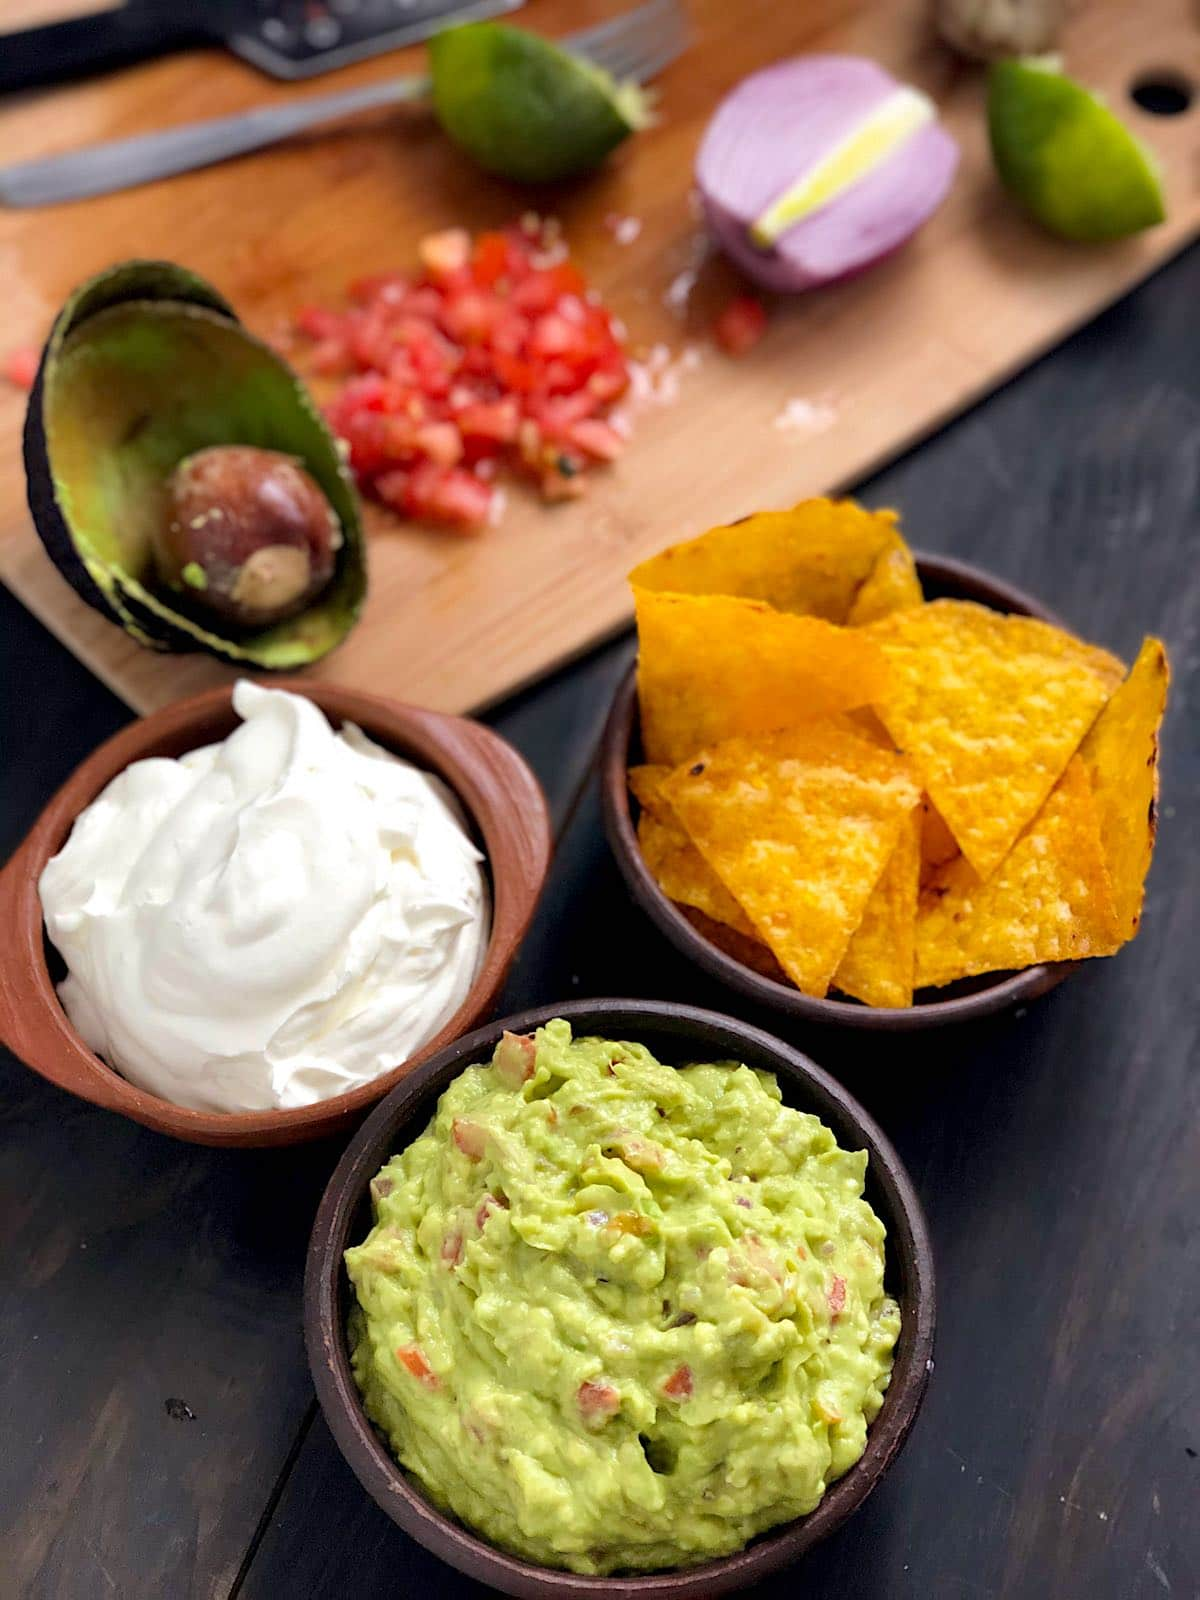 Guacamole, creme azedo e nachos fritos servidos em tigelas de barro, em vista de cima